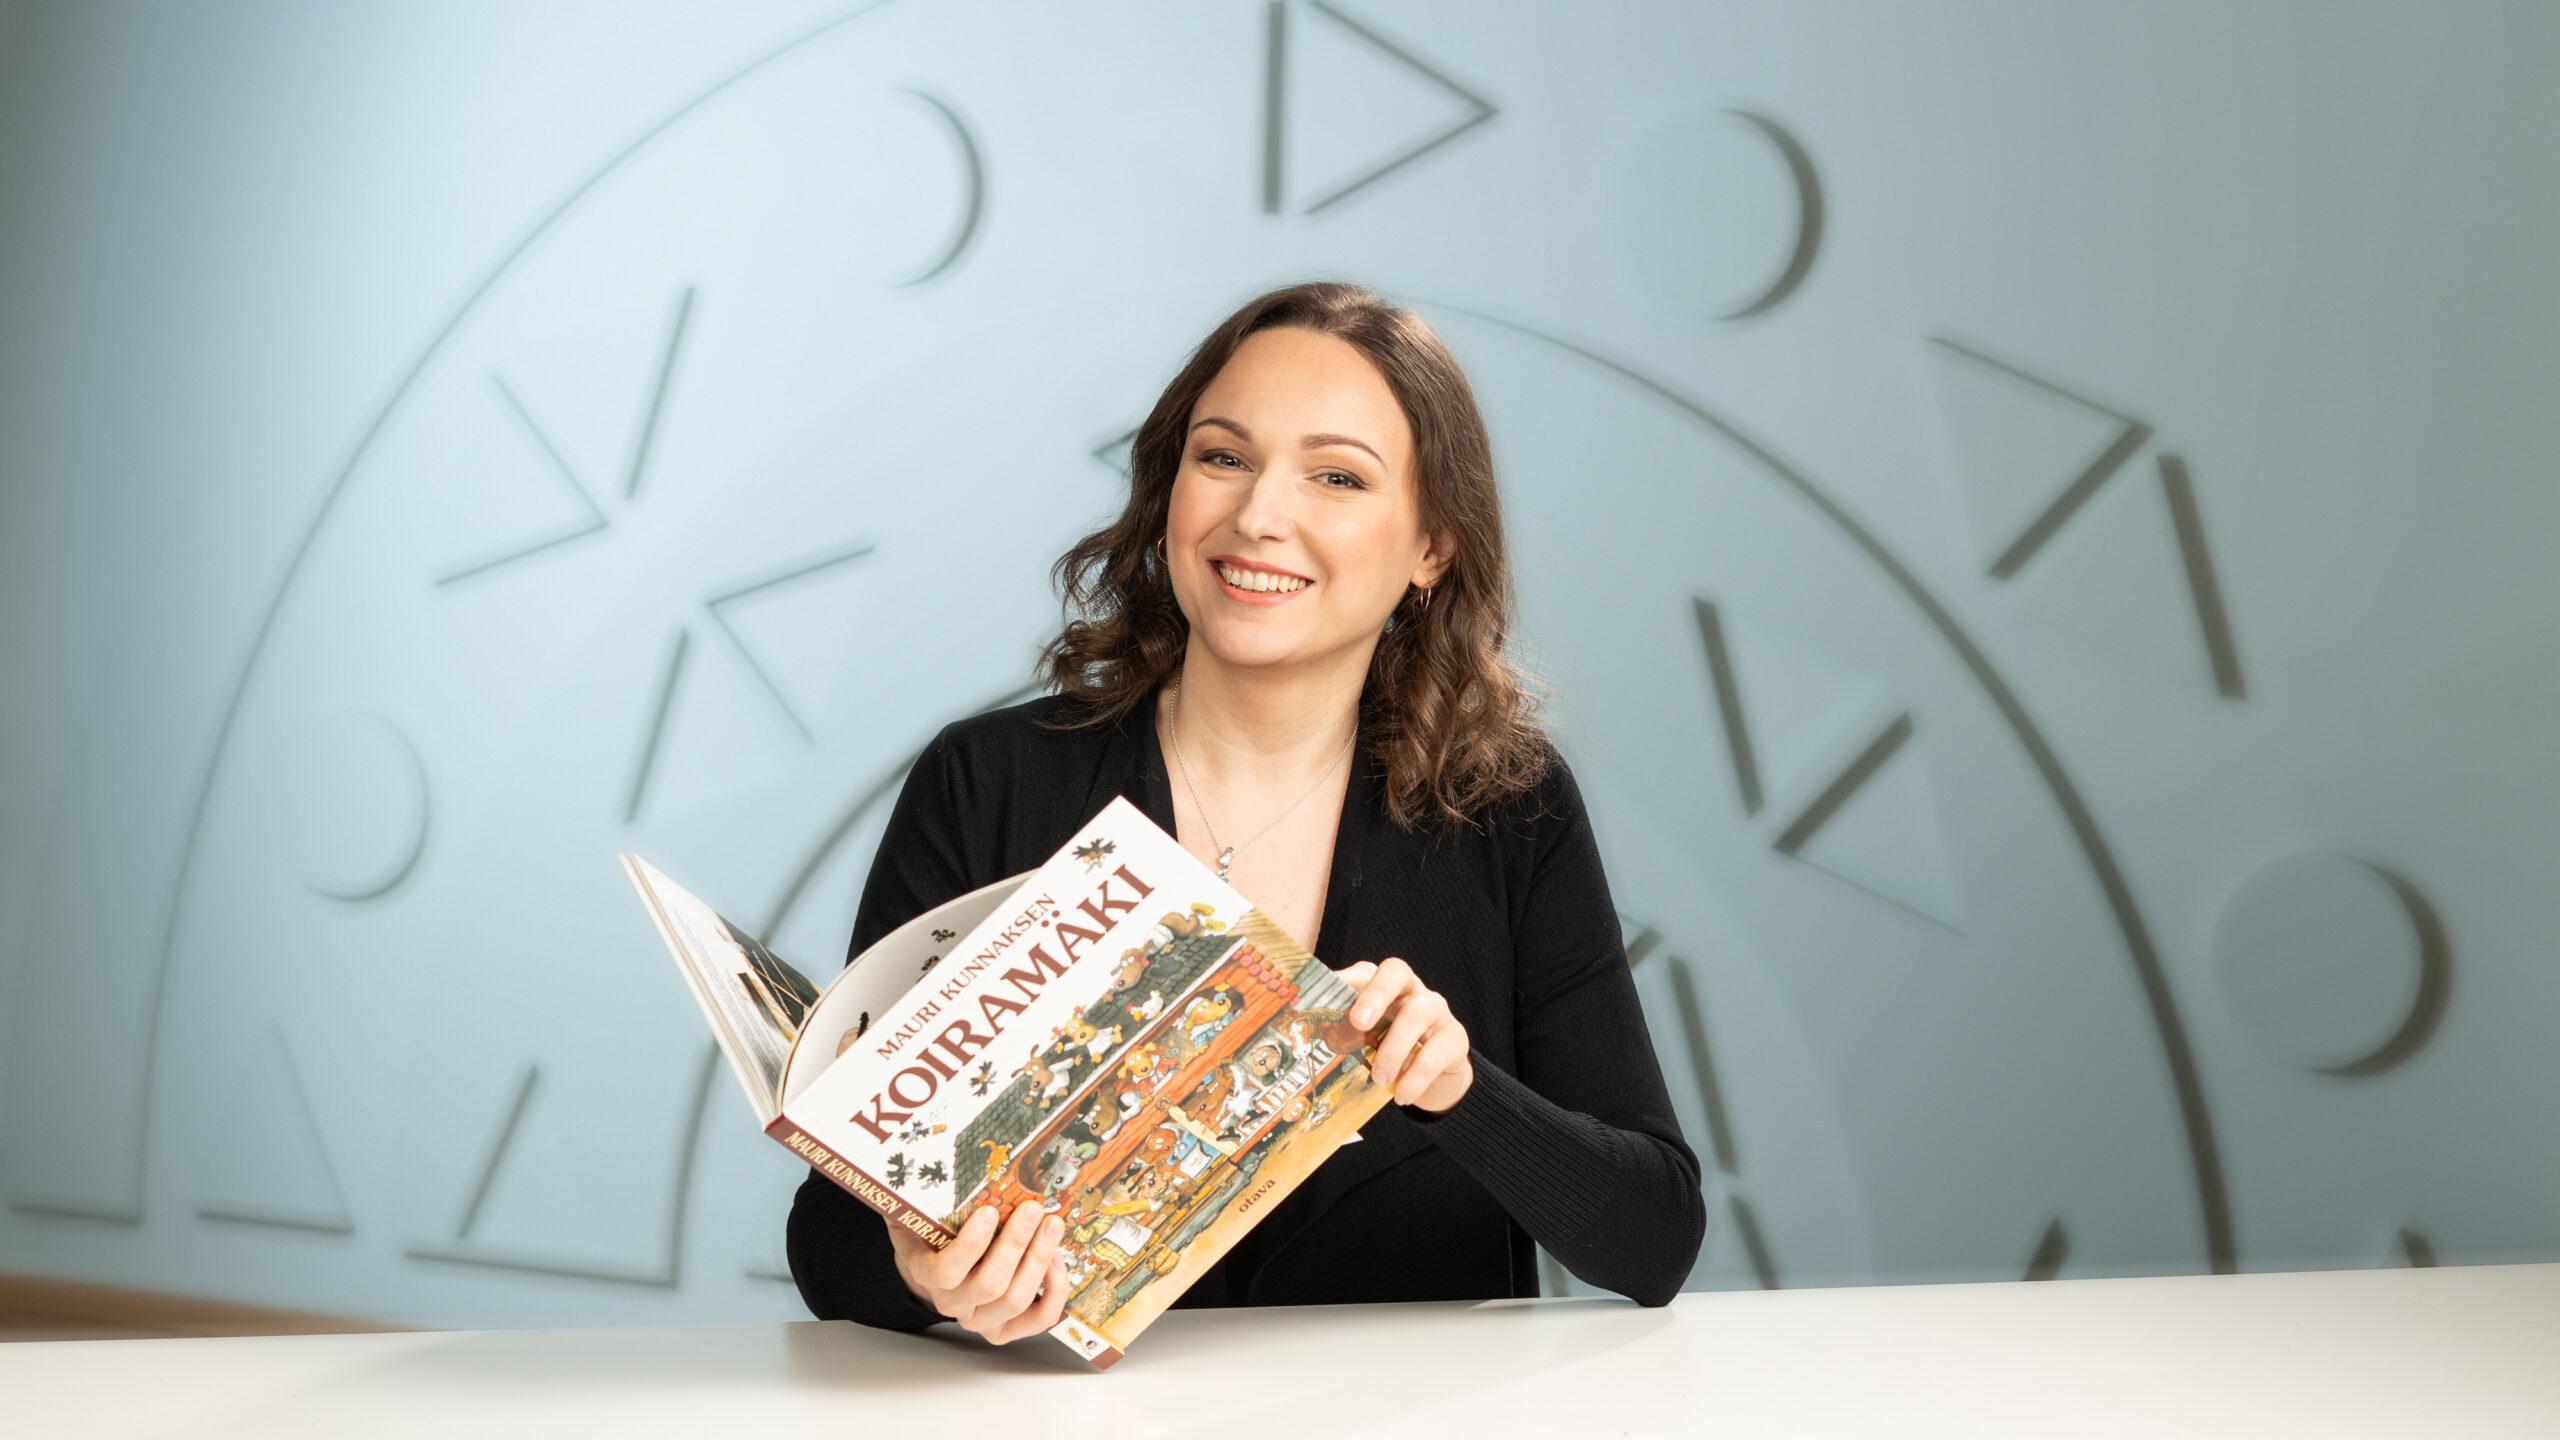 Naine istub laua taga, raamat käes